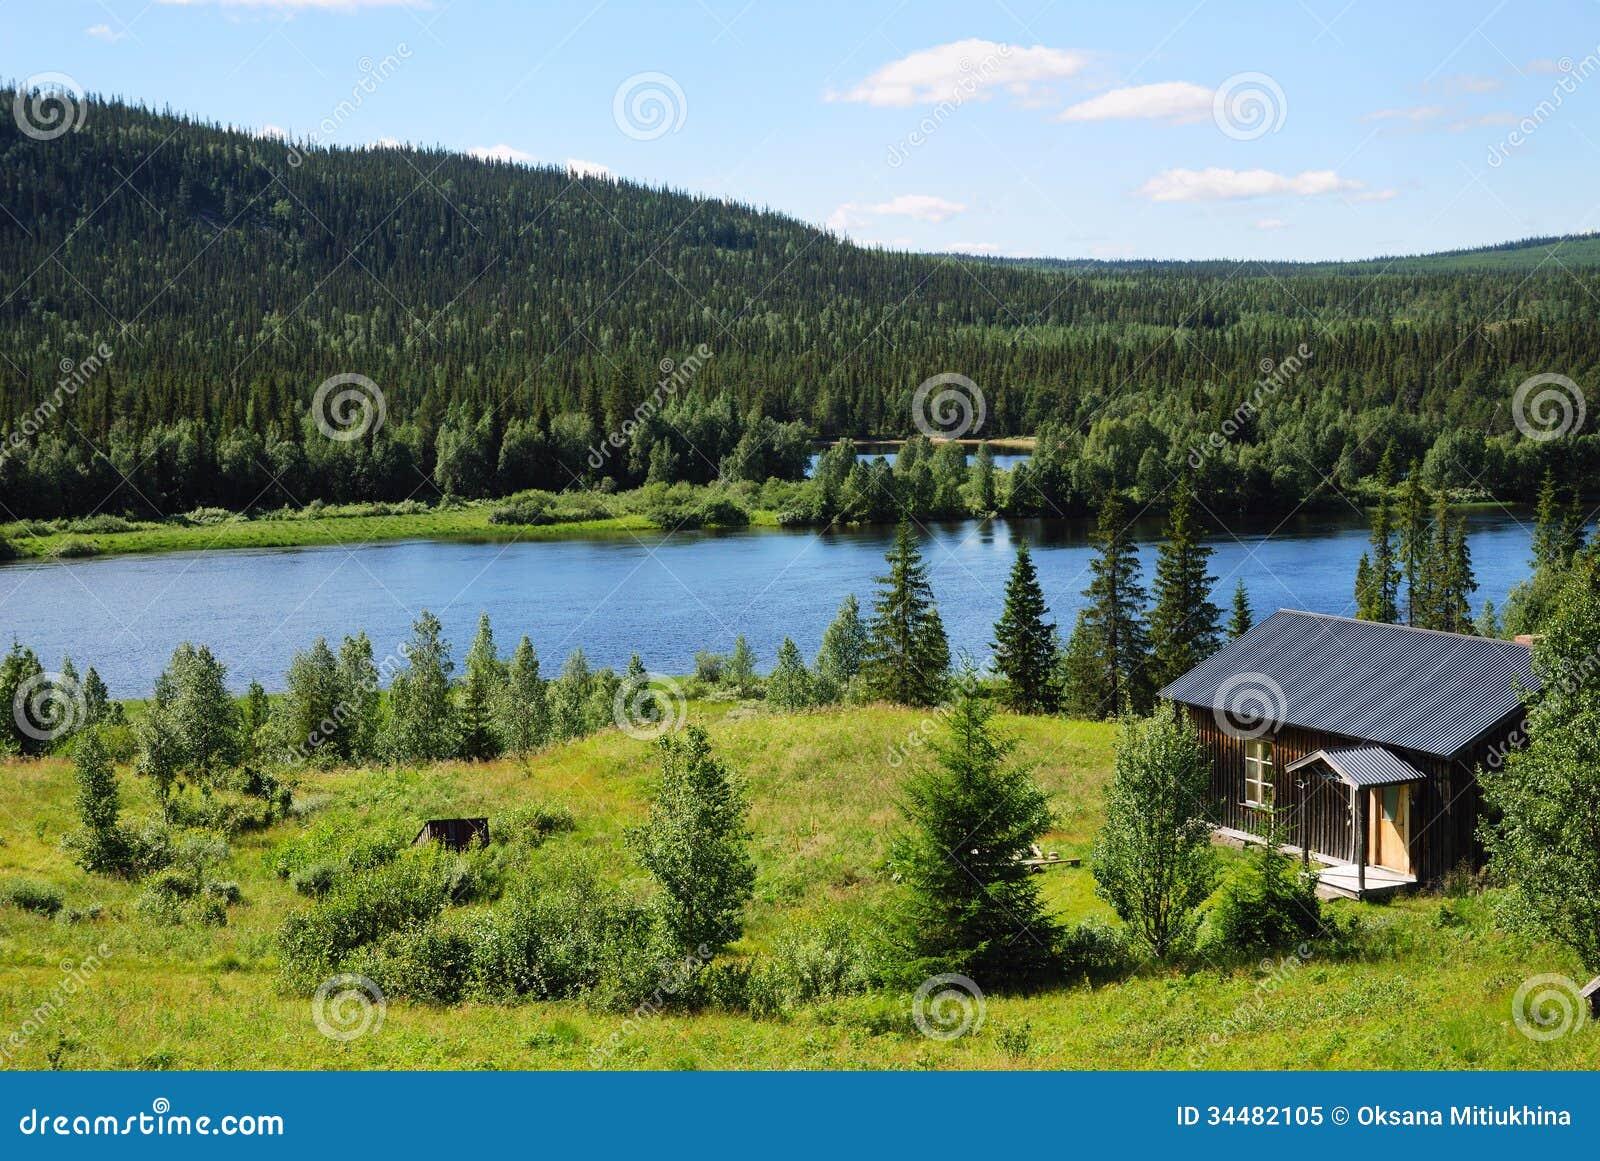 Houten huis dichtbij blauw meer in het midden van taigabos royalty vrije stock foto beeld - Meer mooie houten huizen ...